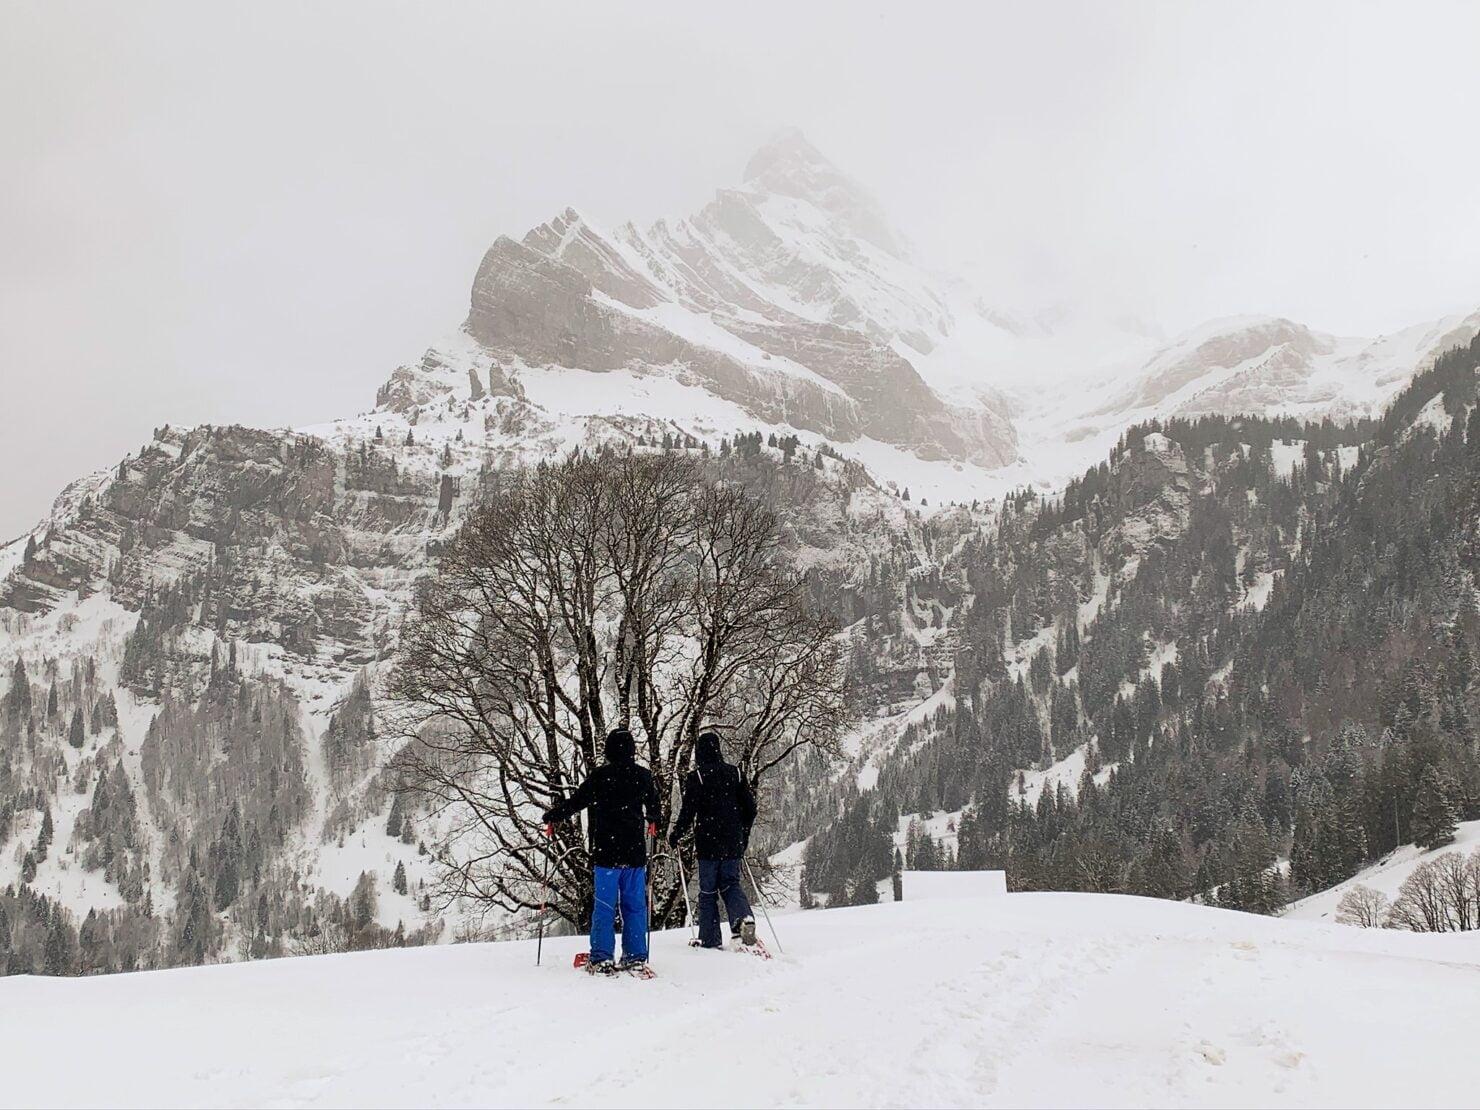 Schneeschuhwandern in Braunwald - auch für Kinder ein grossartiges Erlebnis